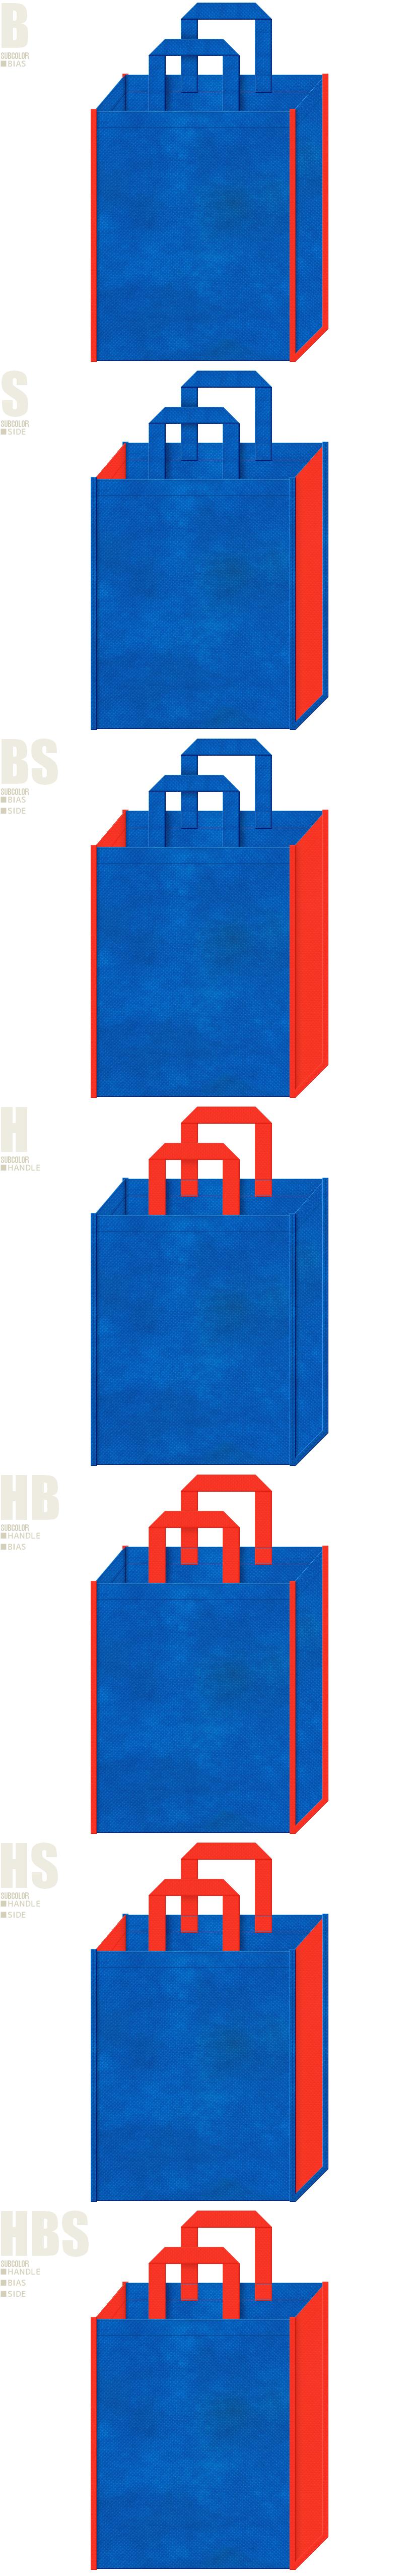 不織布トートバッグのデザイン例-不織布メインカラーNo.22+サブカラーNo.1の2色7パターン